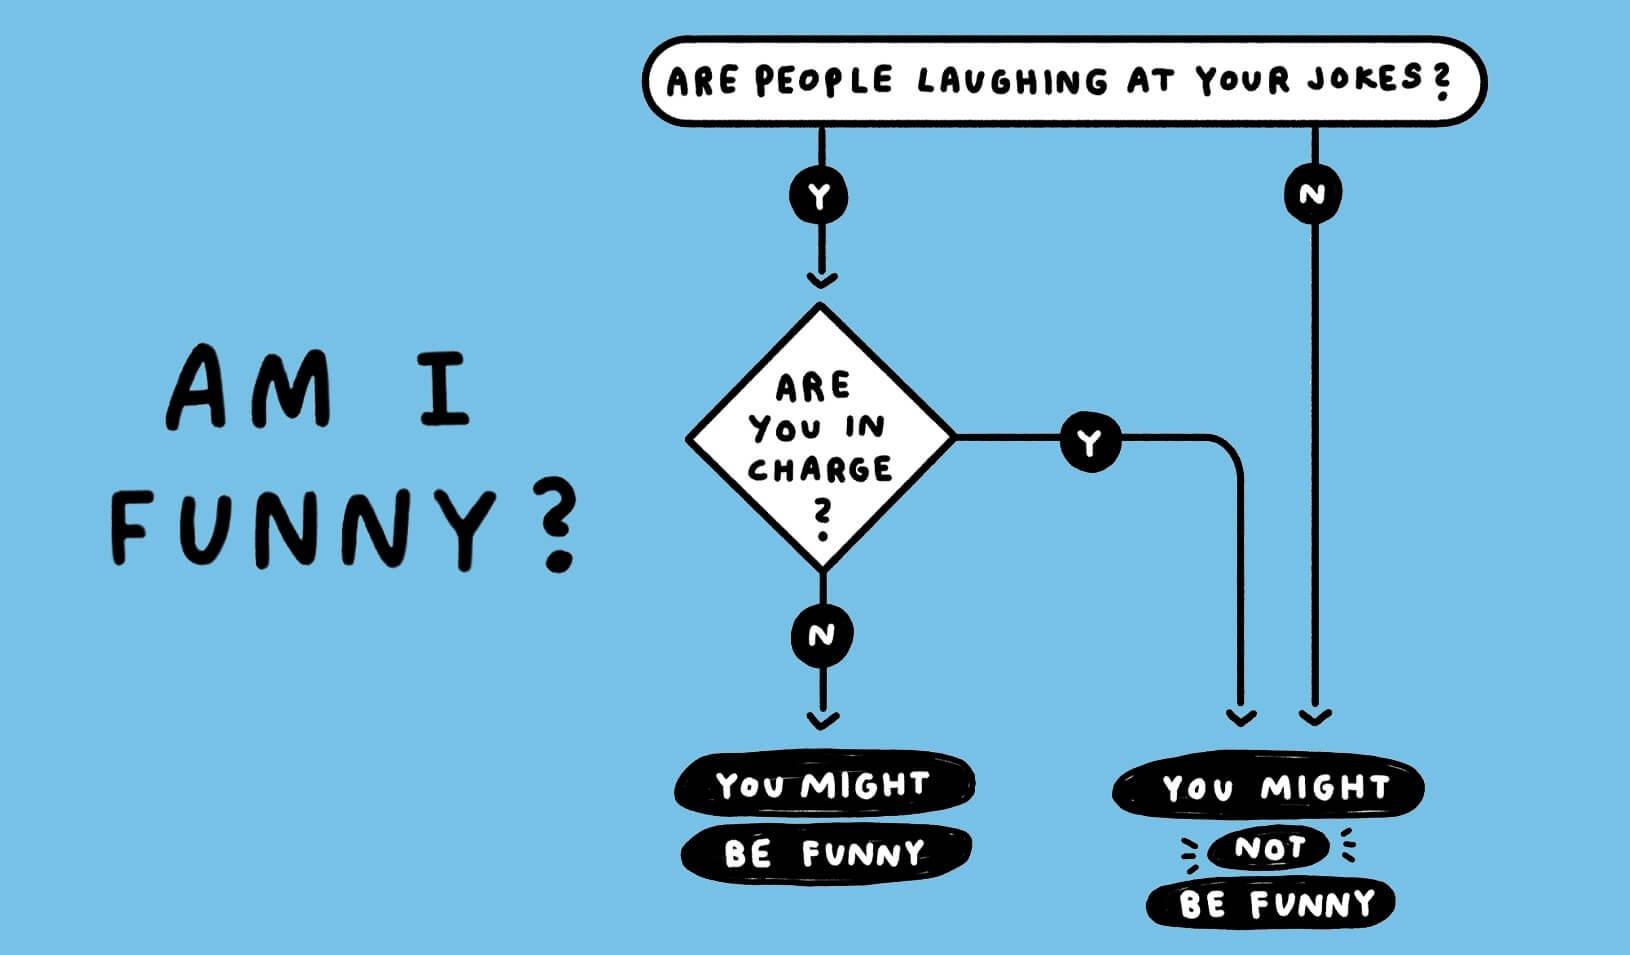 humor-amifunny-1630